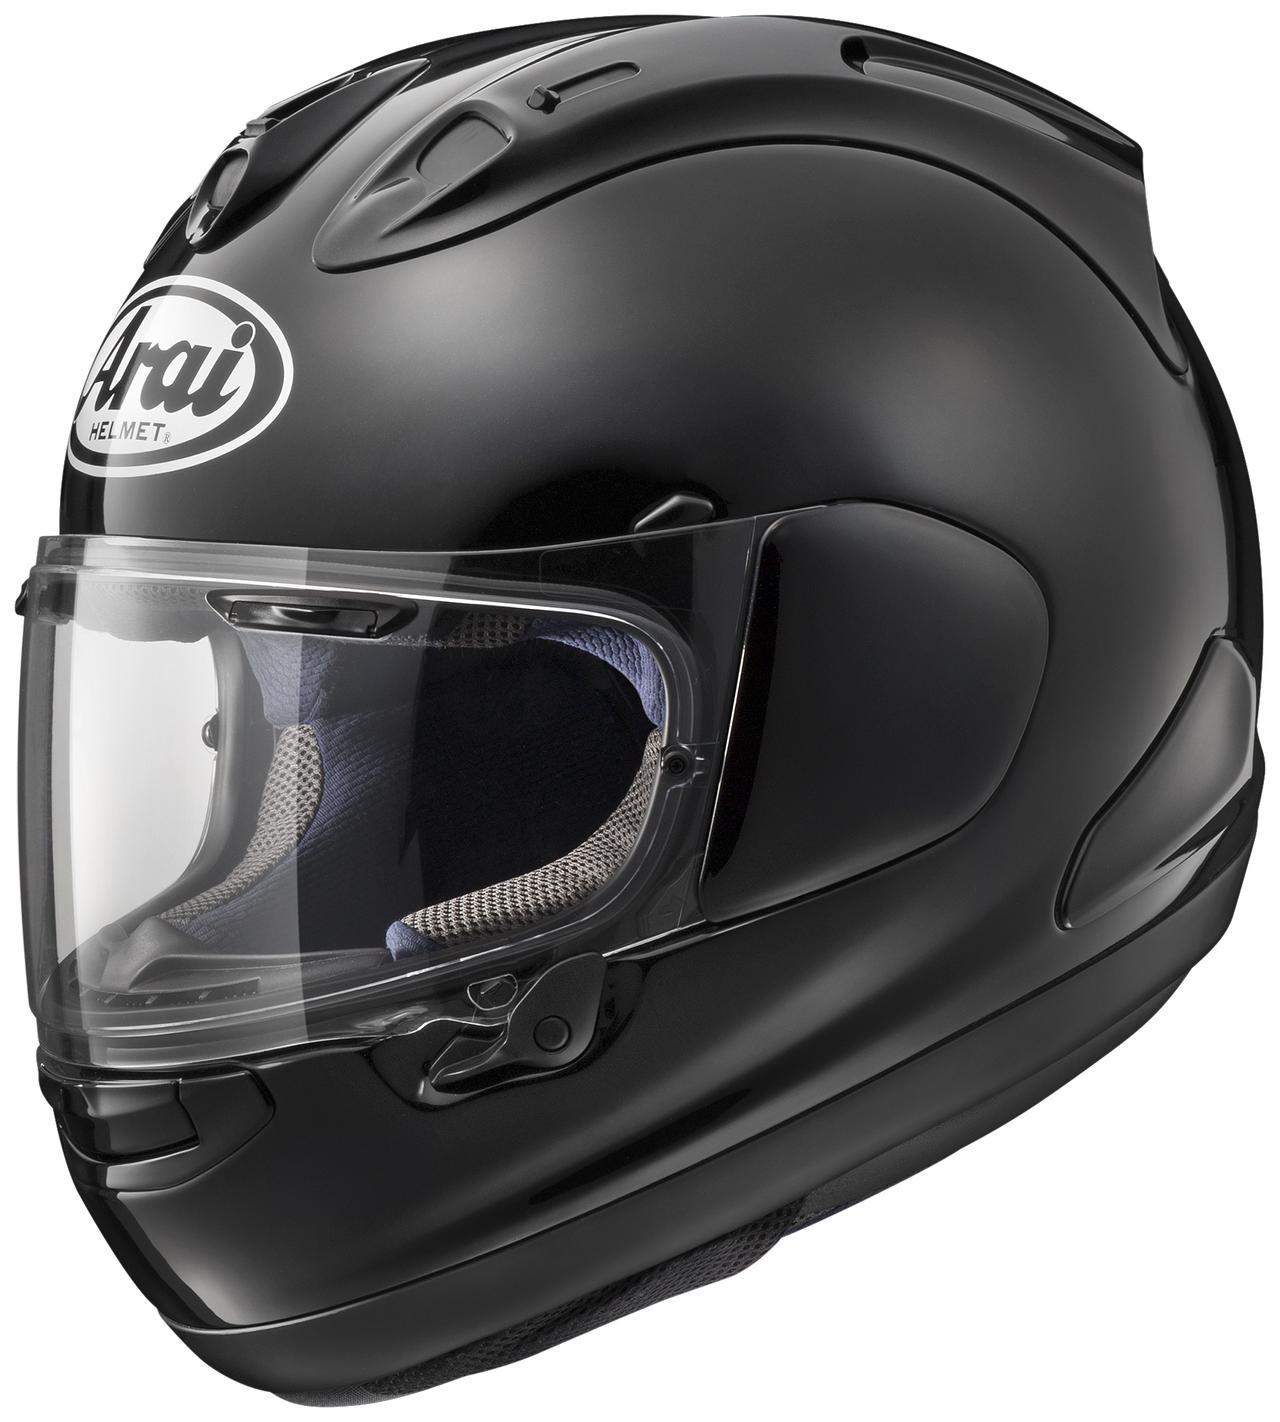 画像2: アライヘルメットの「RX-7X」に特大サイズ登場!